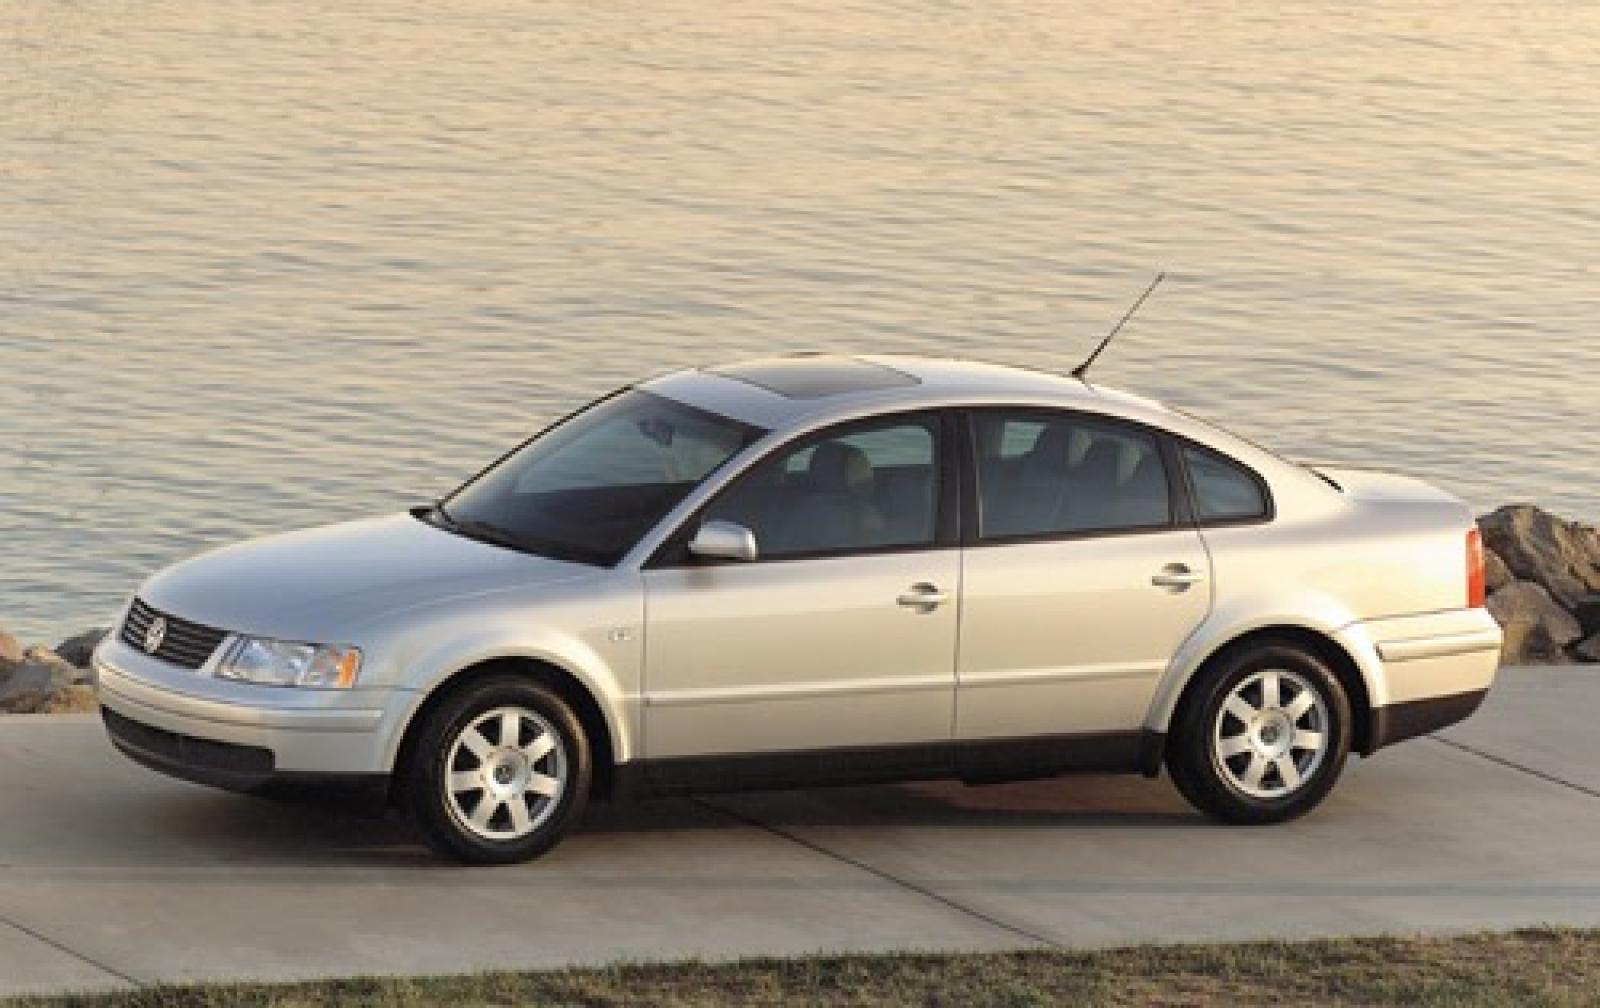 VW vw passat 2001 : 2005 Volkswagen Passat - Information and photos - ZombieDrive